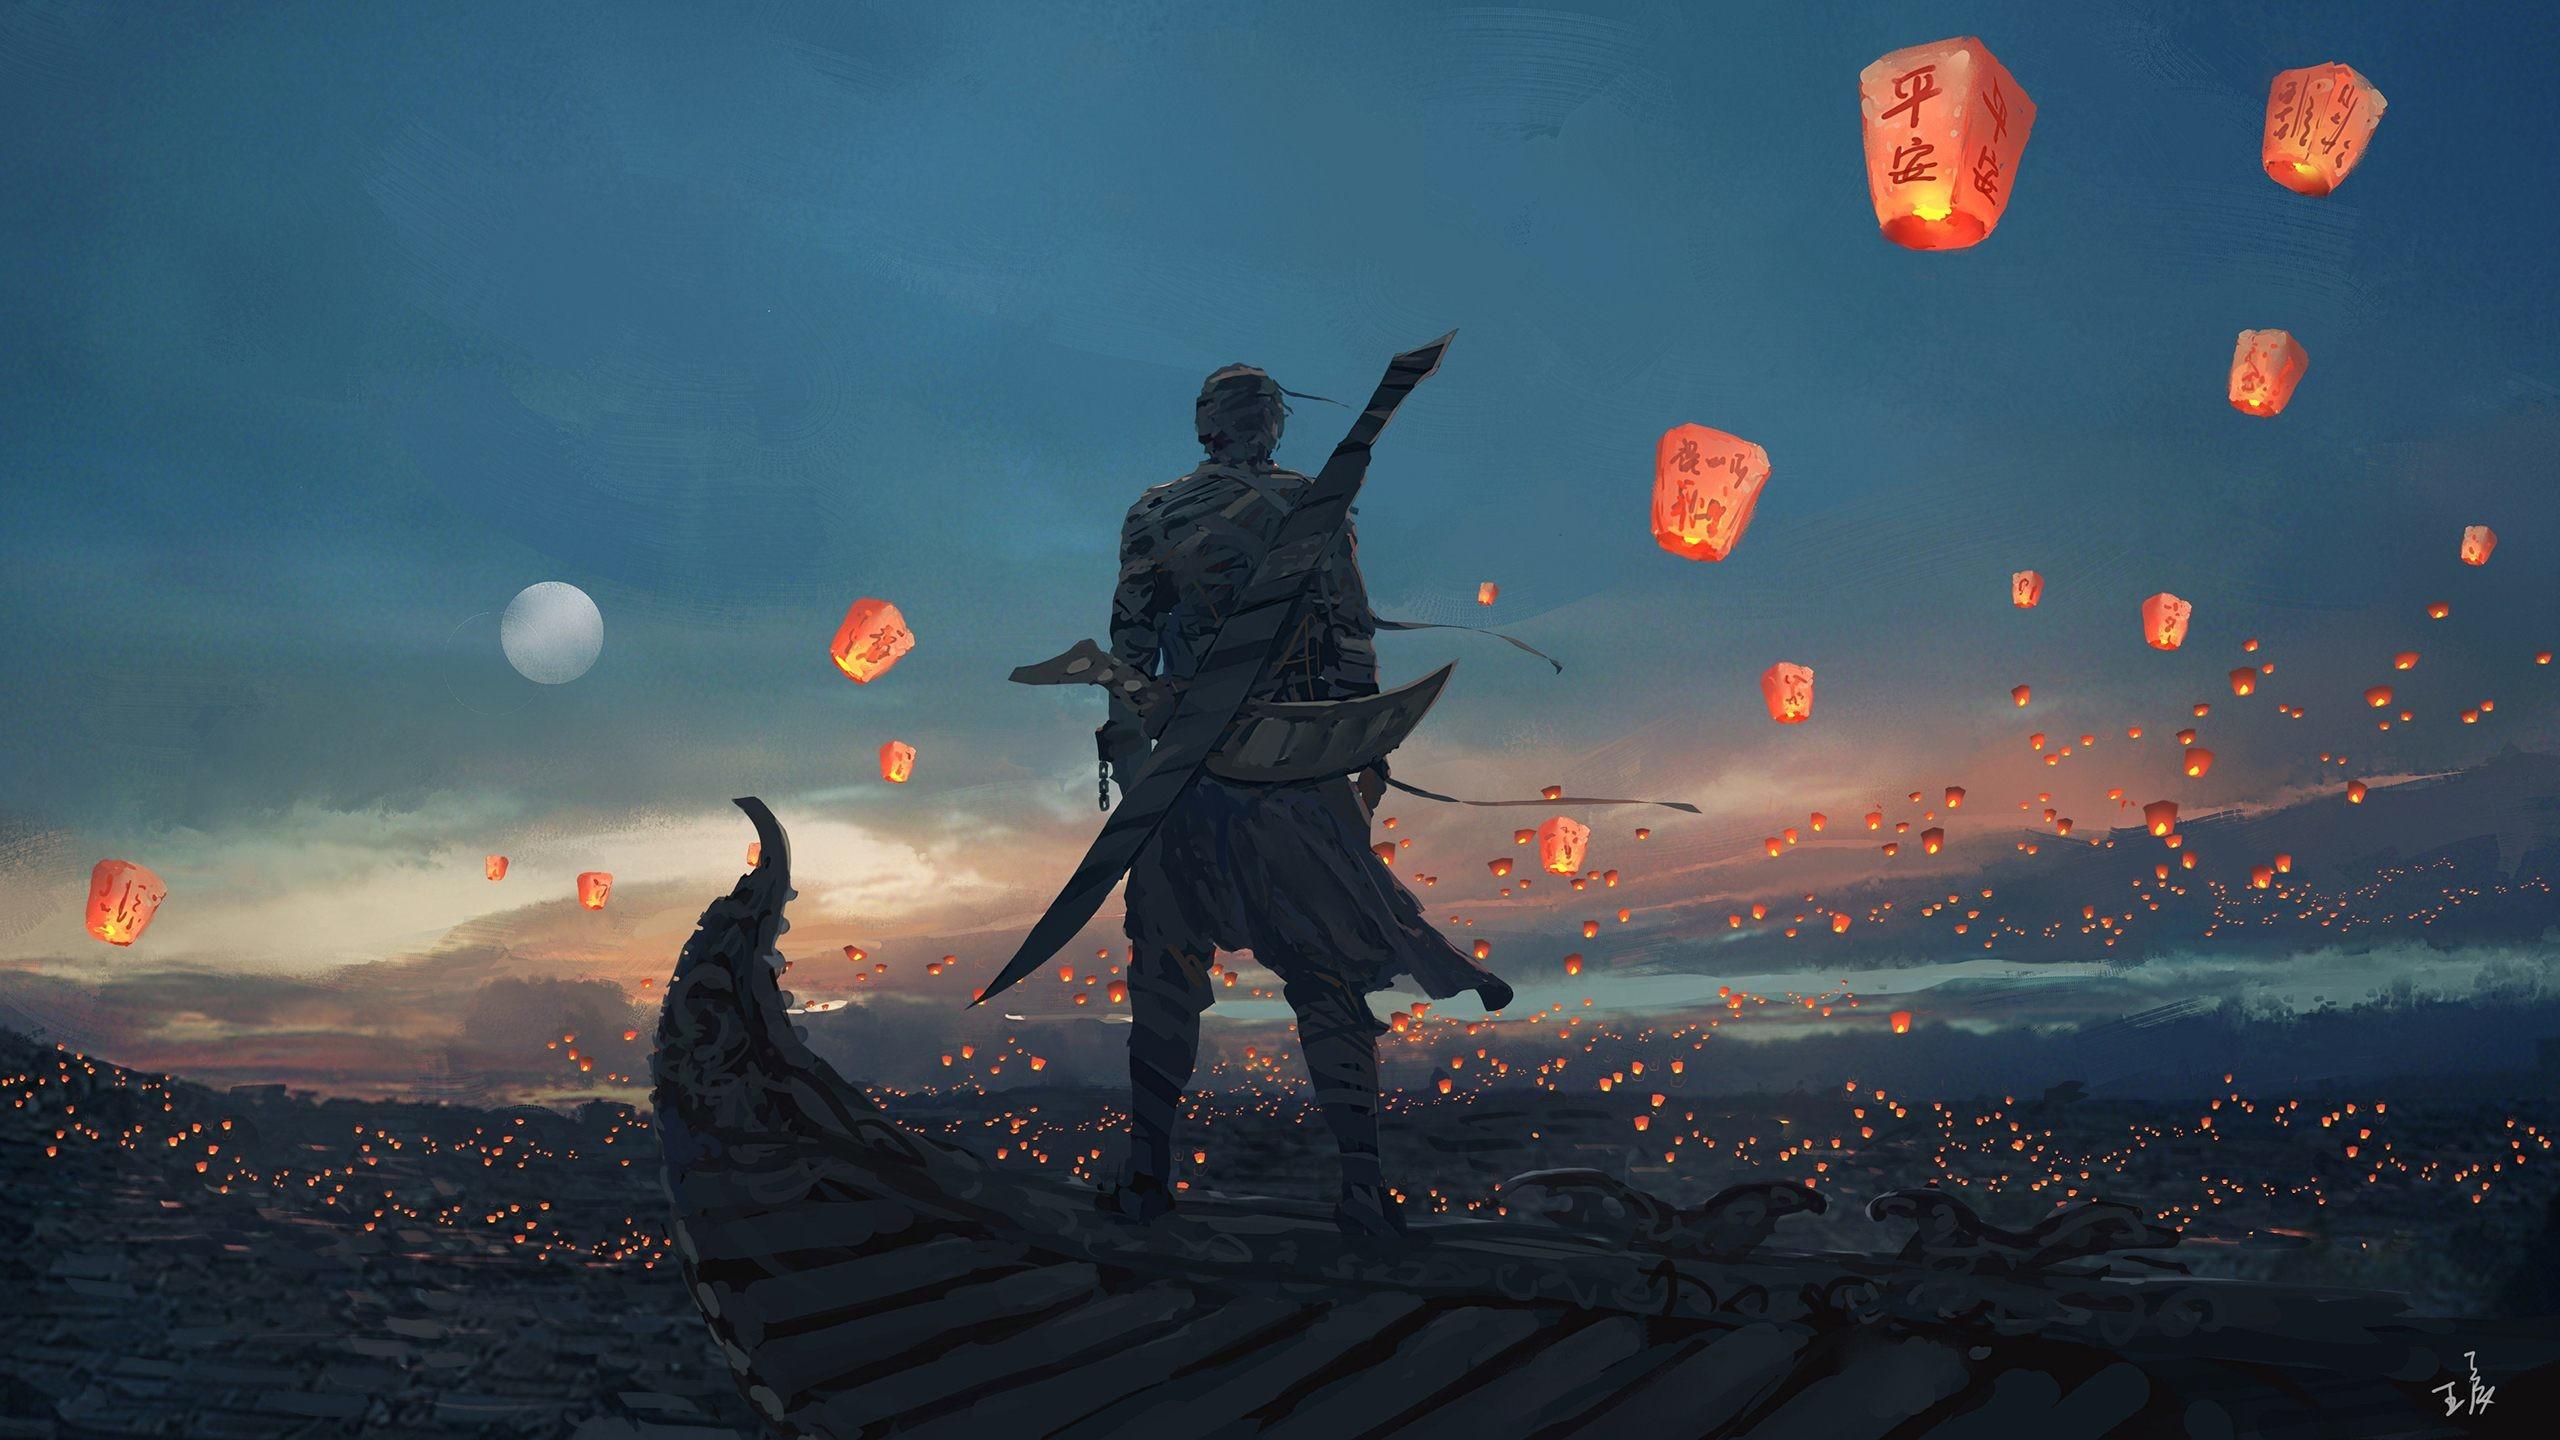 Sky Lanterns Art Wallpaper for desktop & mobile in high resolution free  download. We have